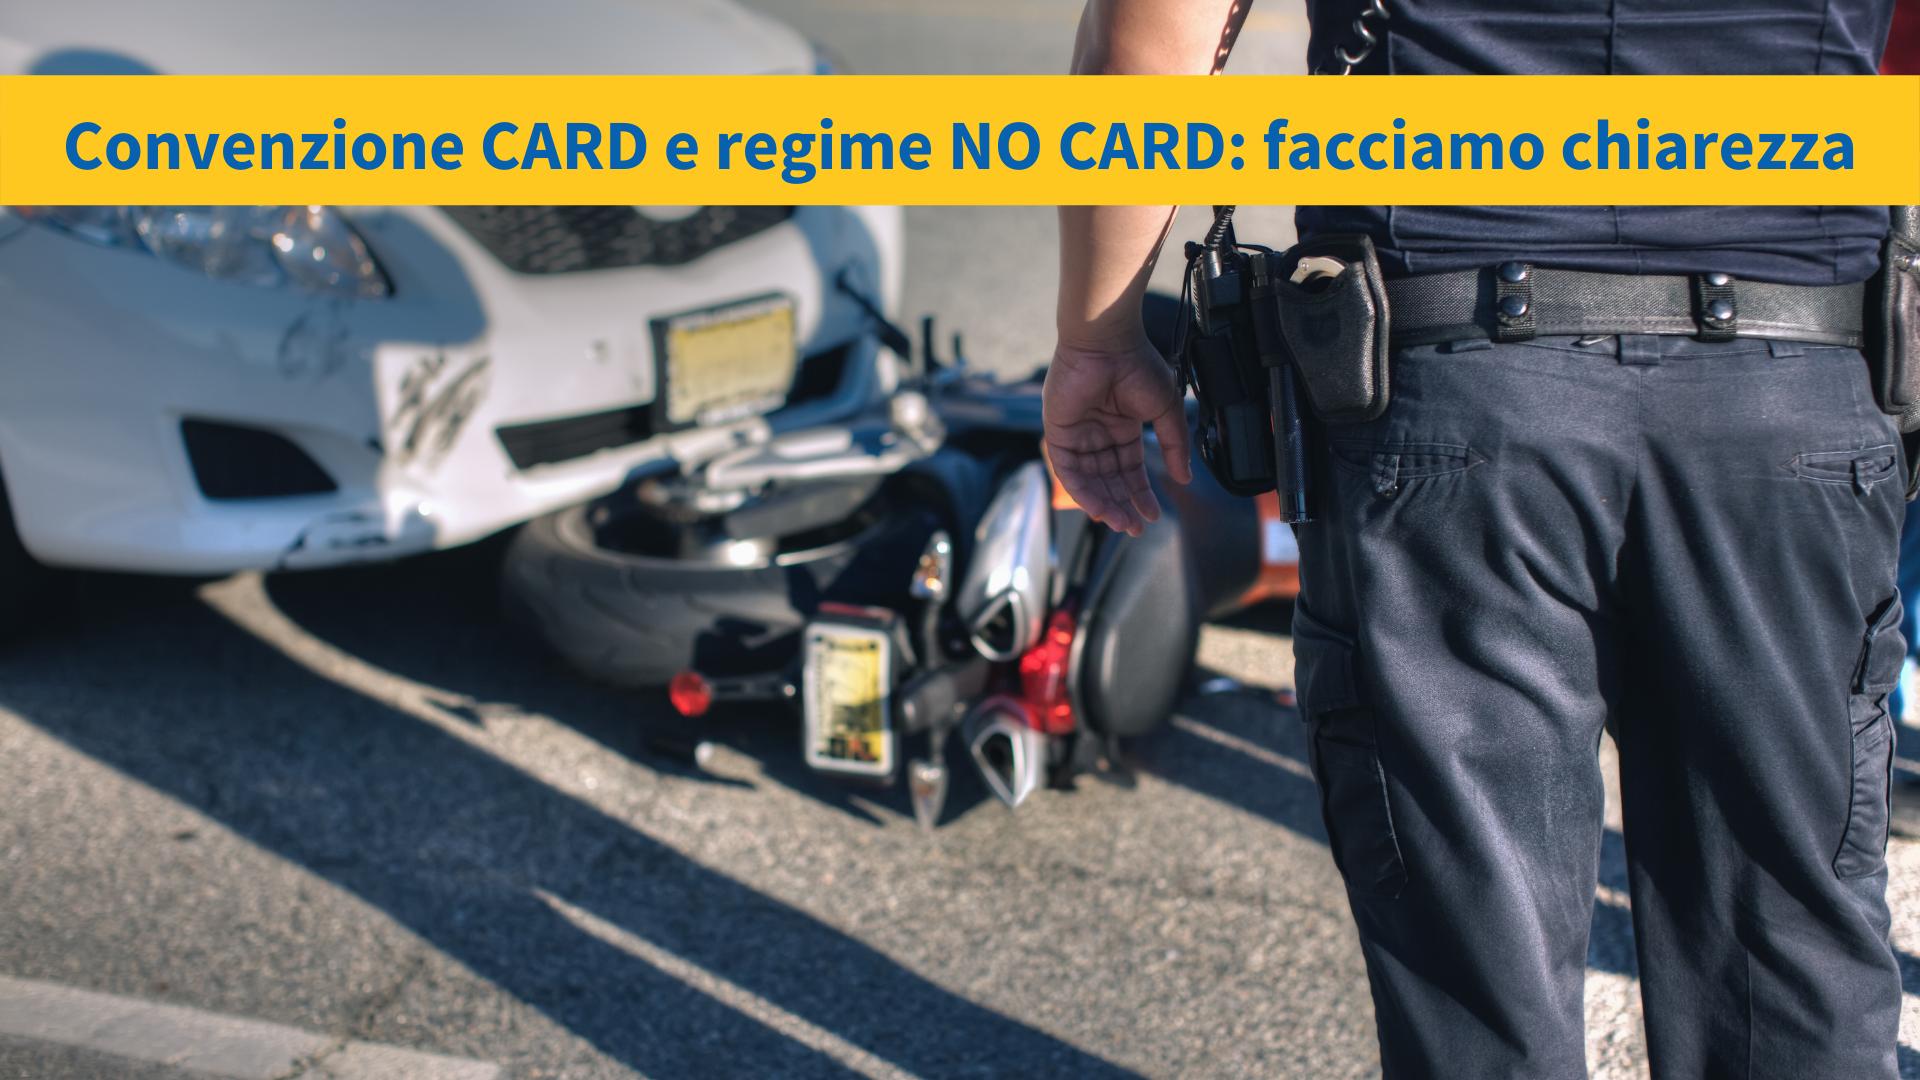 Convenzione CARD e regime NO CARD: facciamo chiarezza